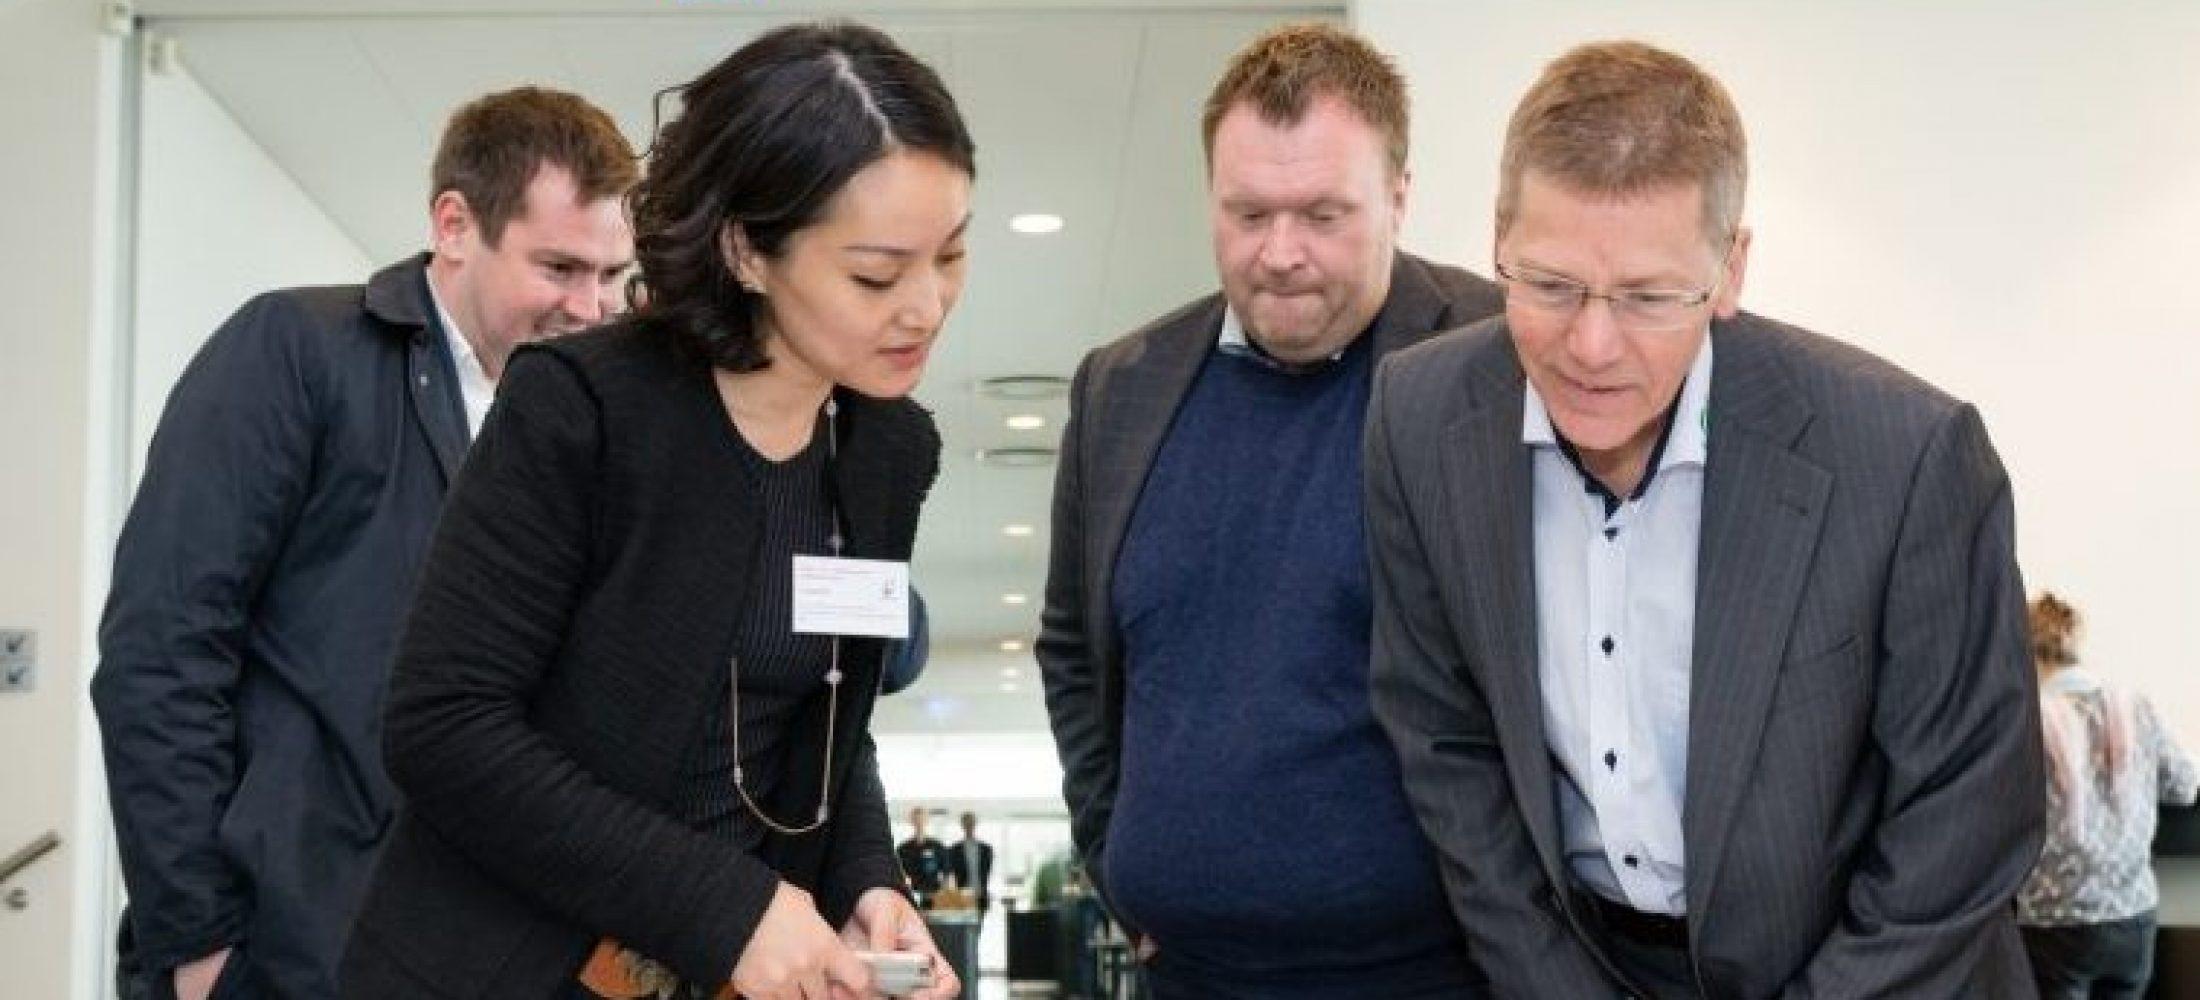 Nyt dansk-kinesisk samarbejde skal løse kinesisk affaldshåndteringsproblem